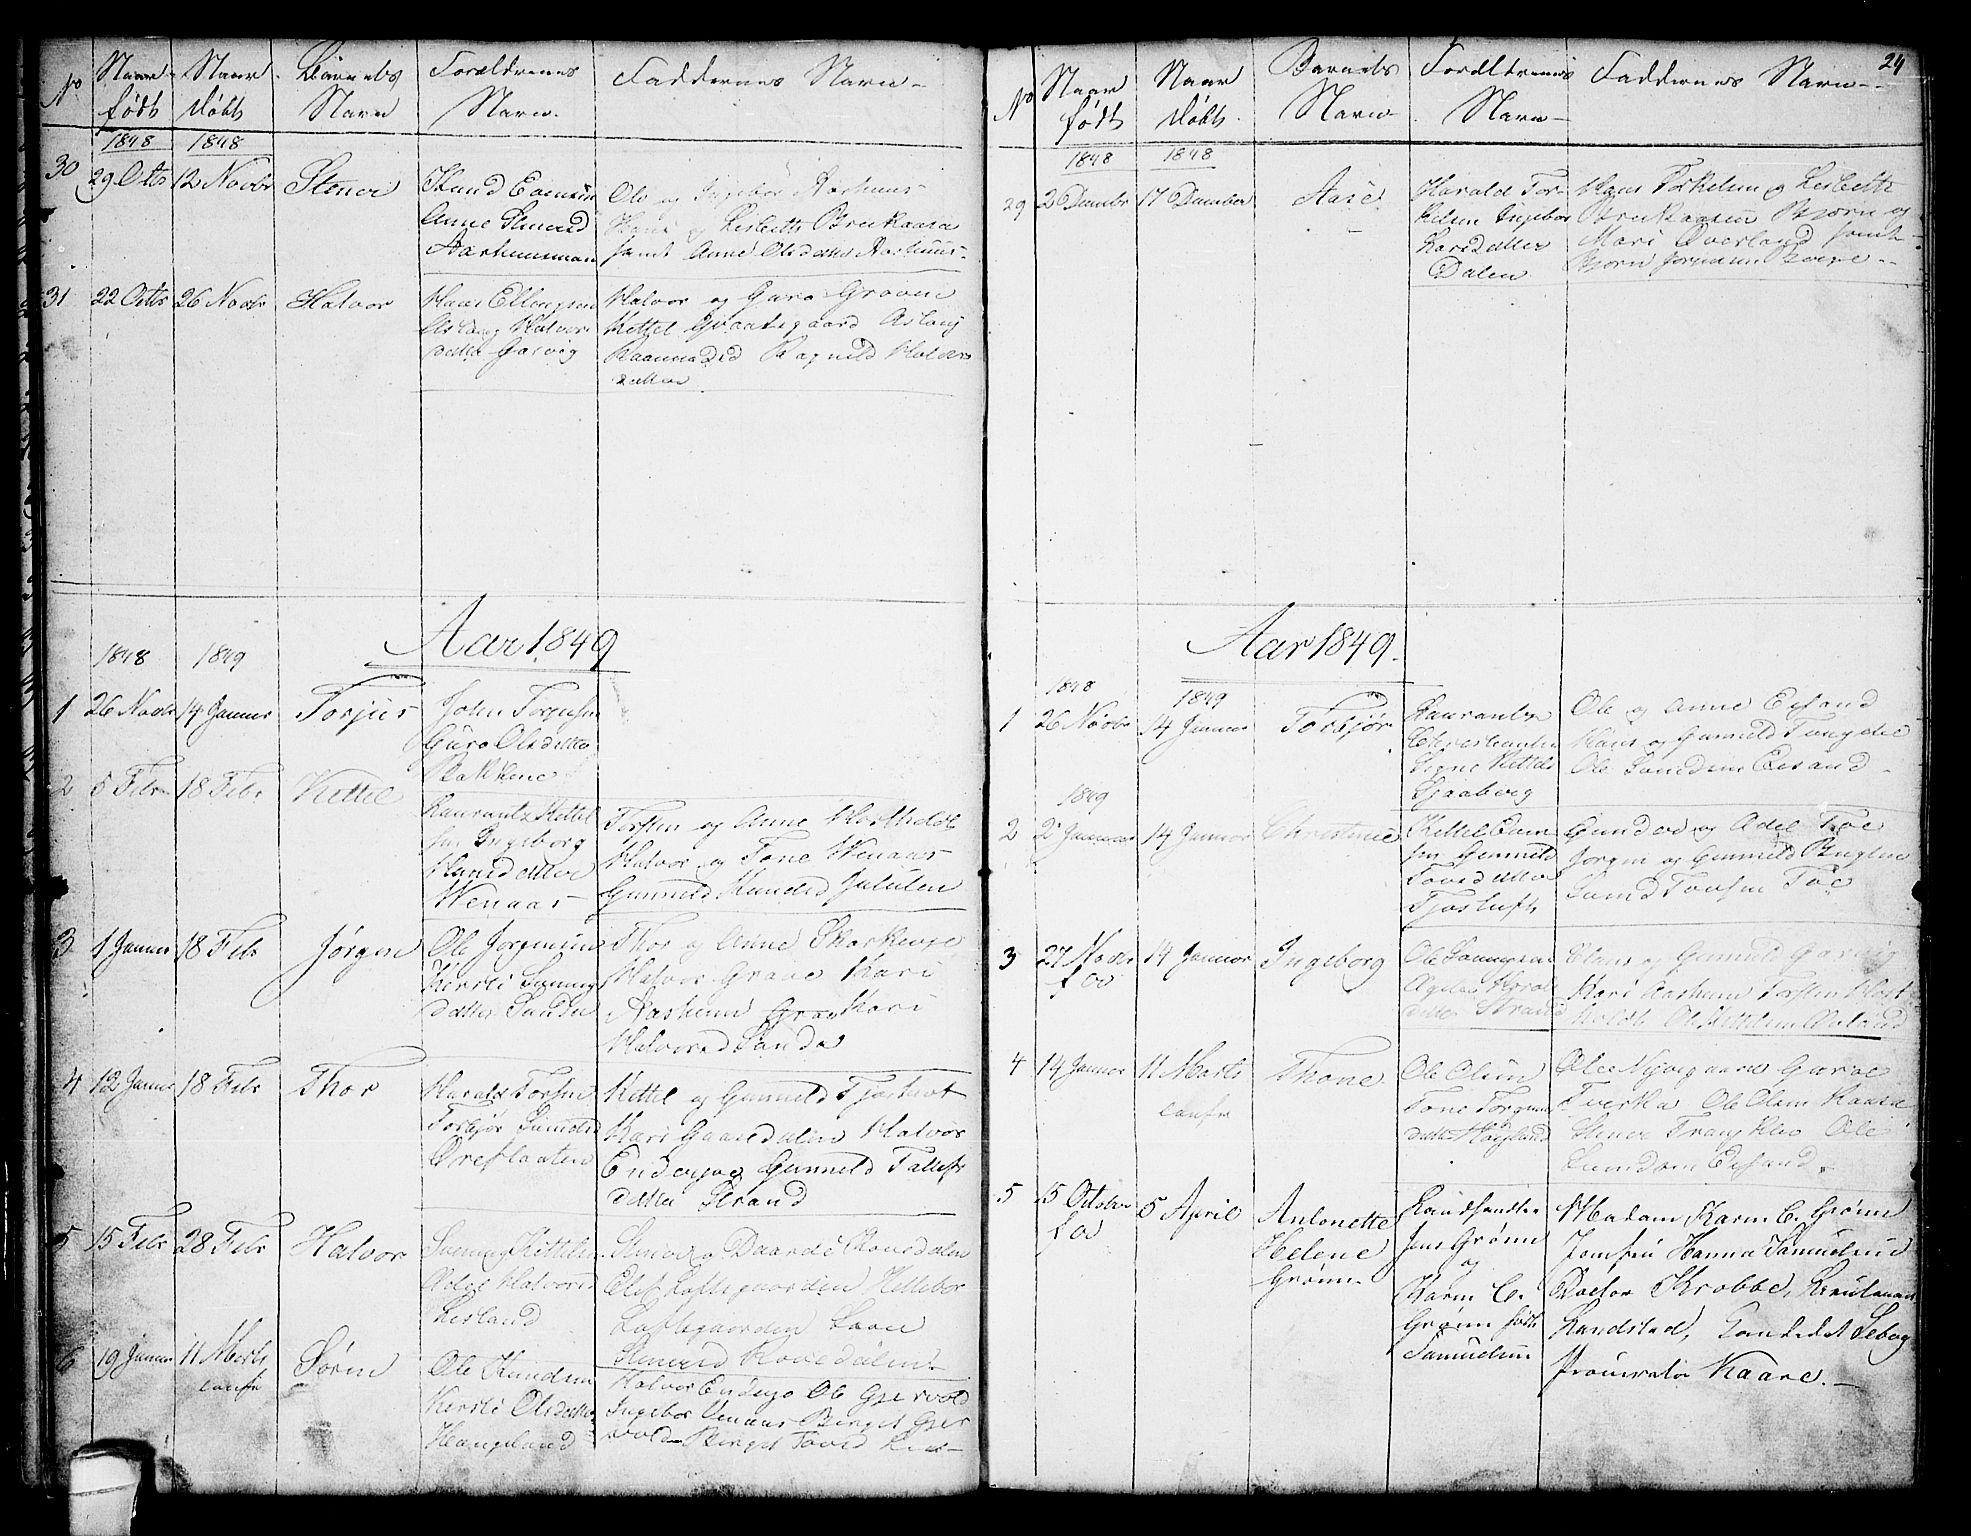 SAKO, Seljord kirkebøker, G/Ga/L0002: Klokkerbok nr. I 2, 1838-1866, s. 24